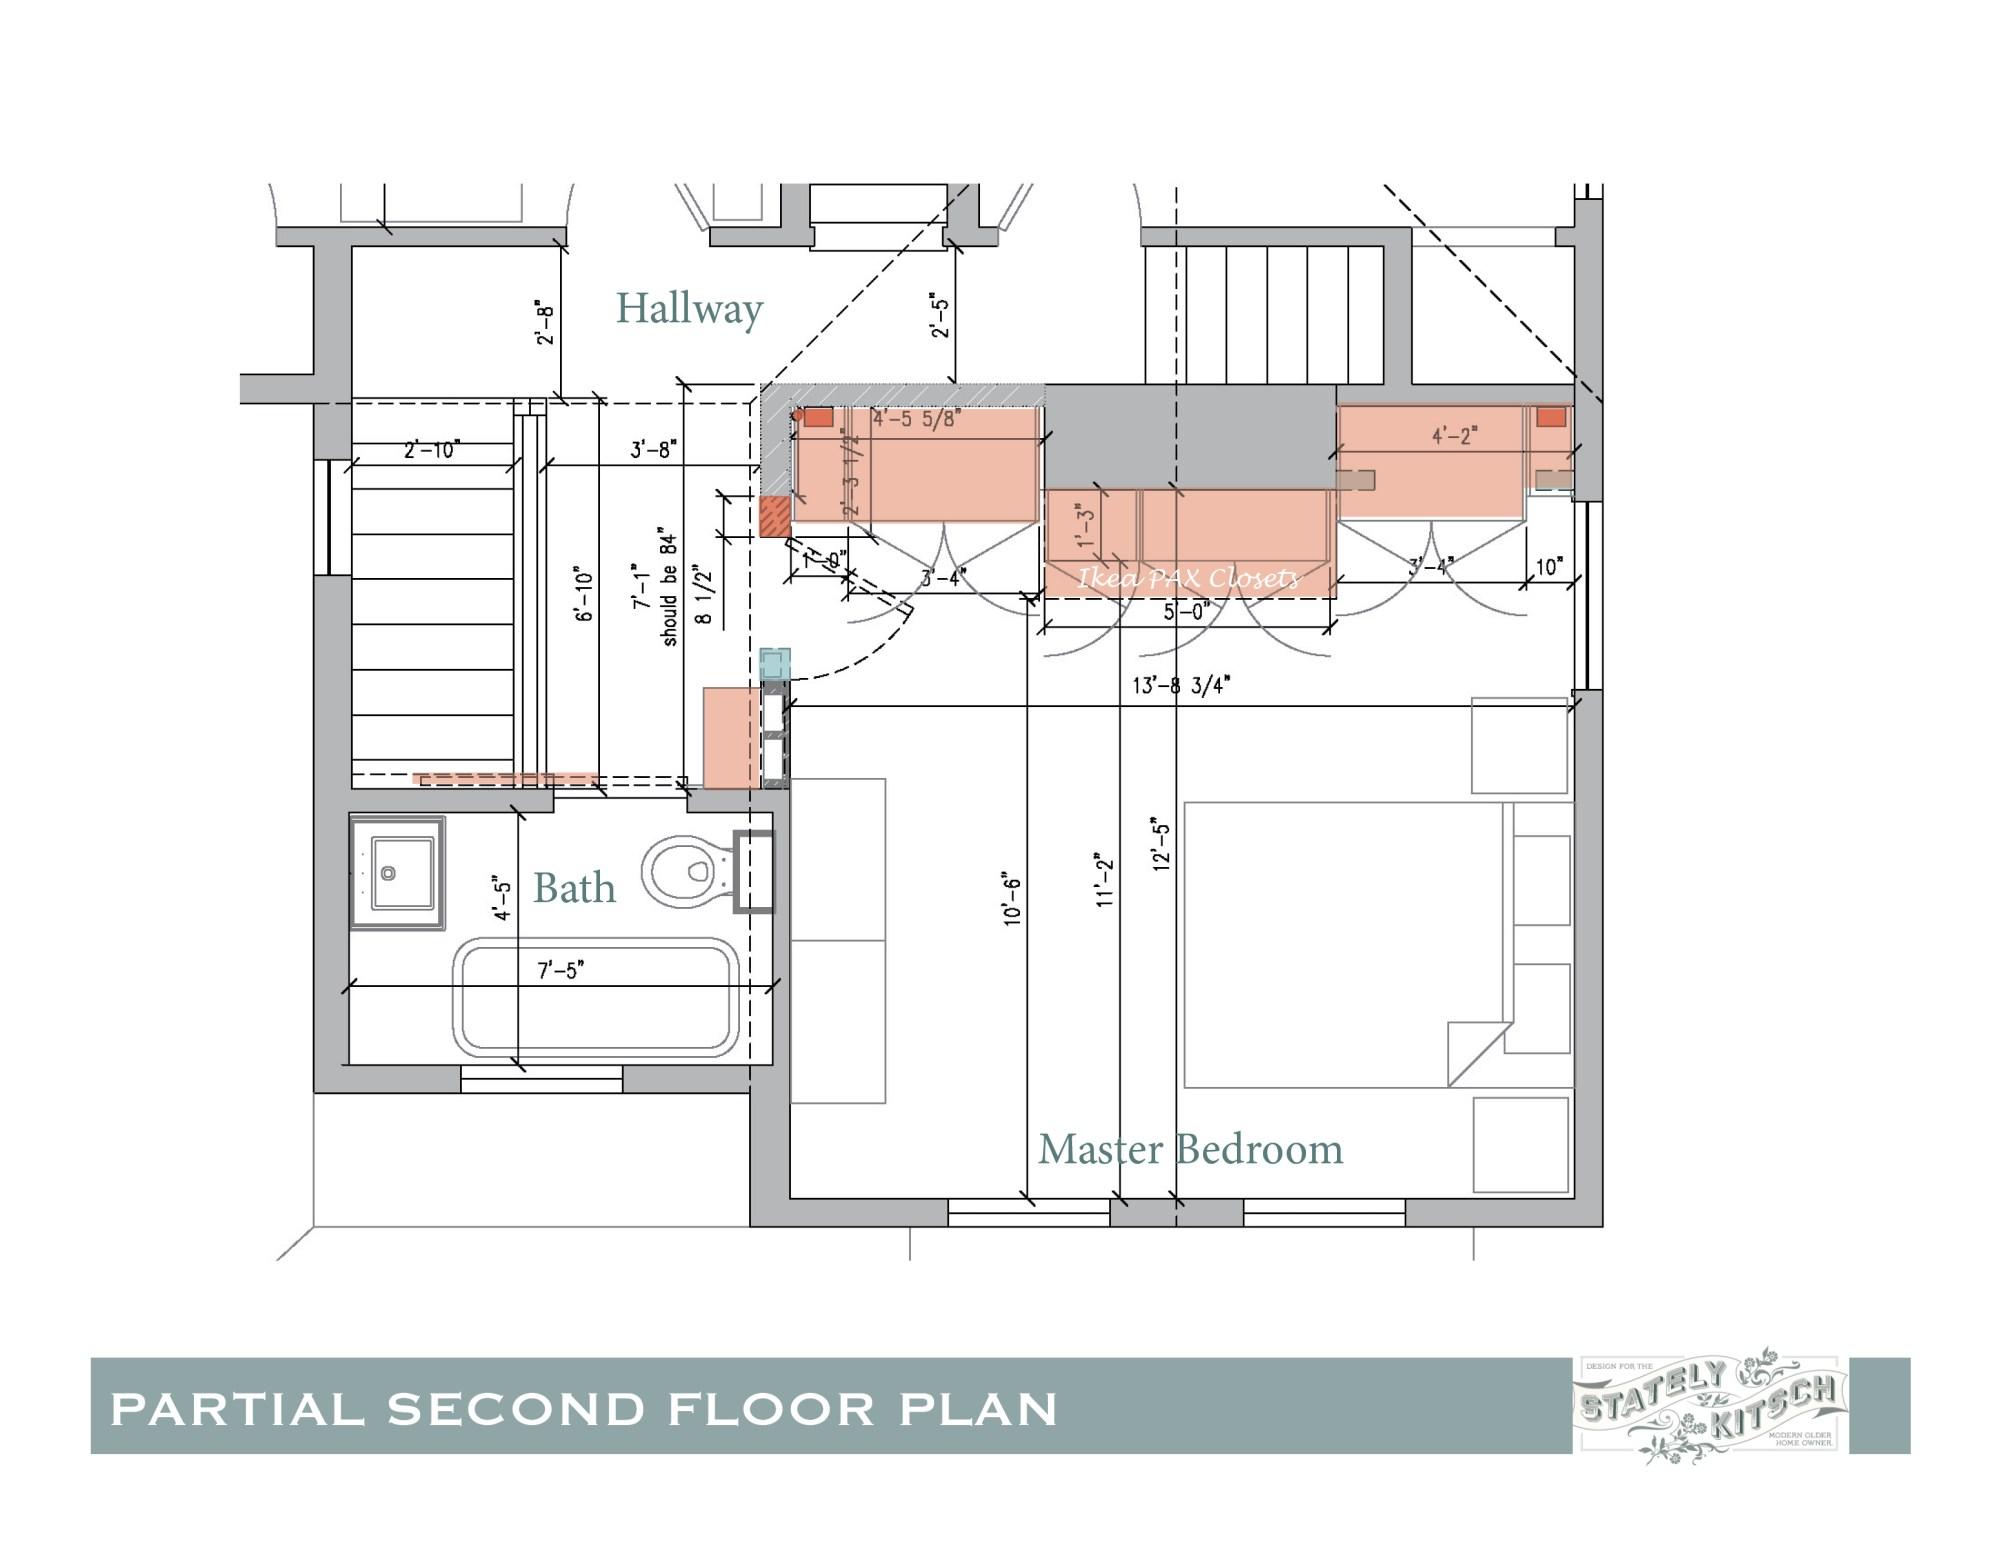 hight resolution of second floor hallway update shifted bedroom door electrical conduit